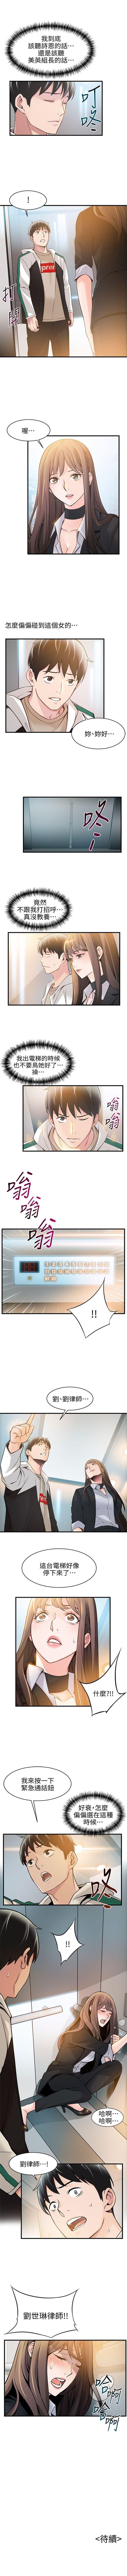 弱点 1-64 中文翻译(更新中) 65